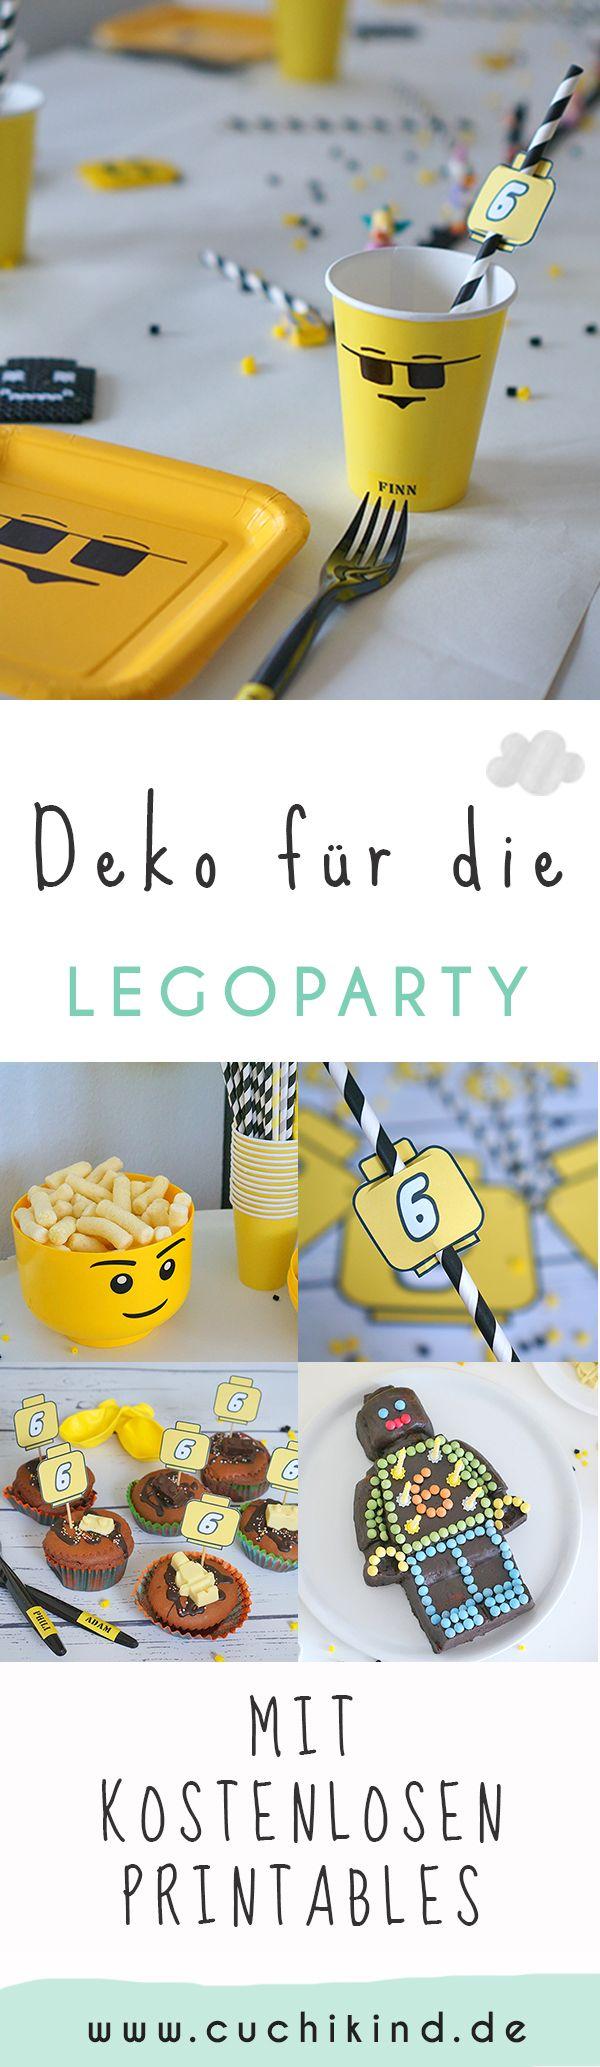 dekoration f r die legoparty mit vorlagen benu lego. Black Bedroom Furniture Sets. Home Design Ideas